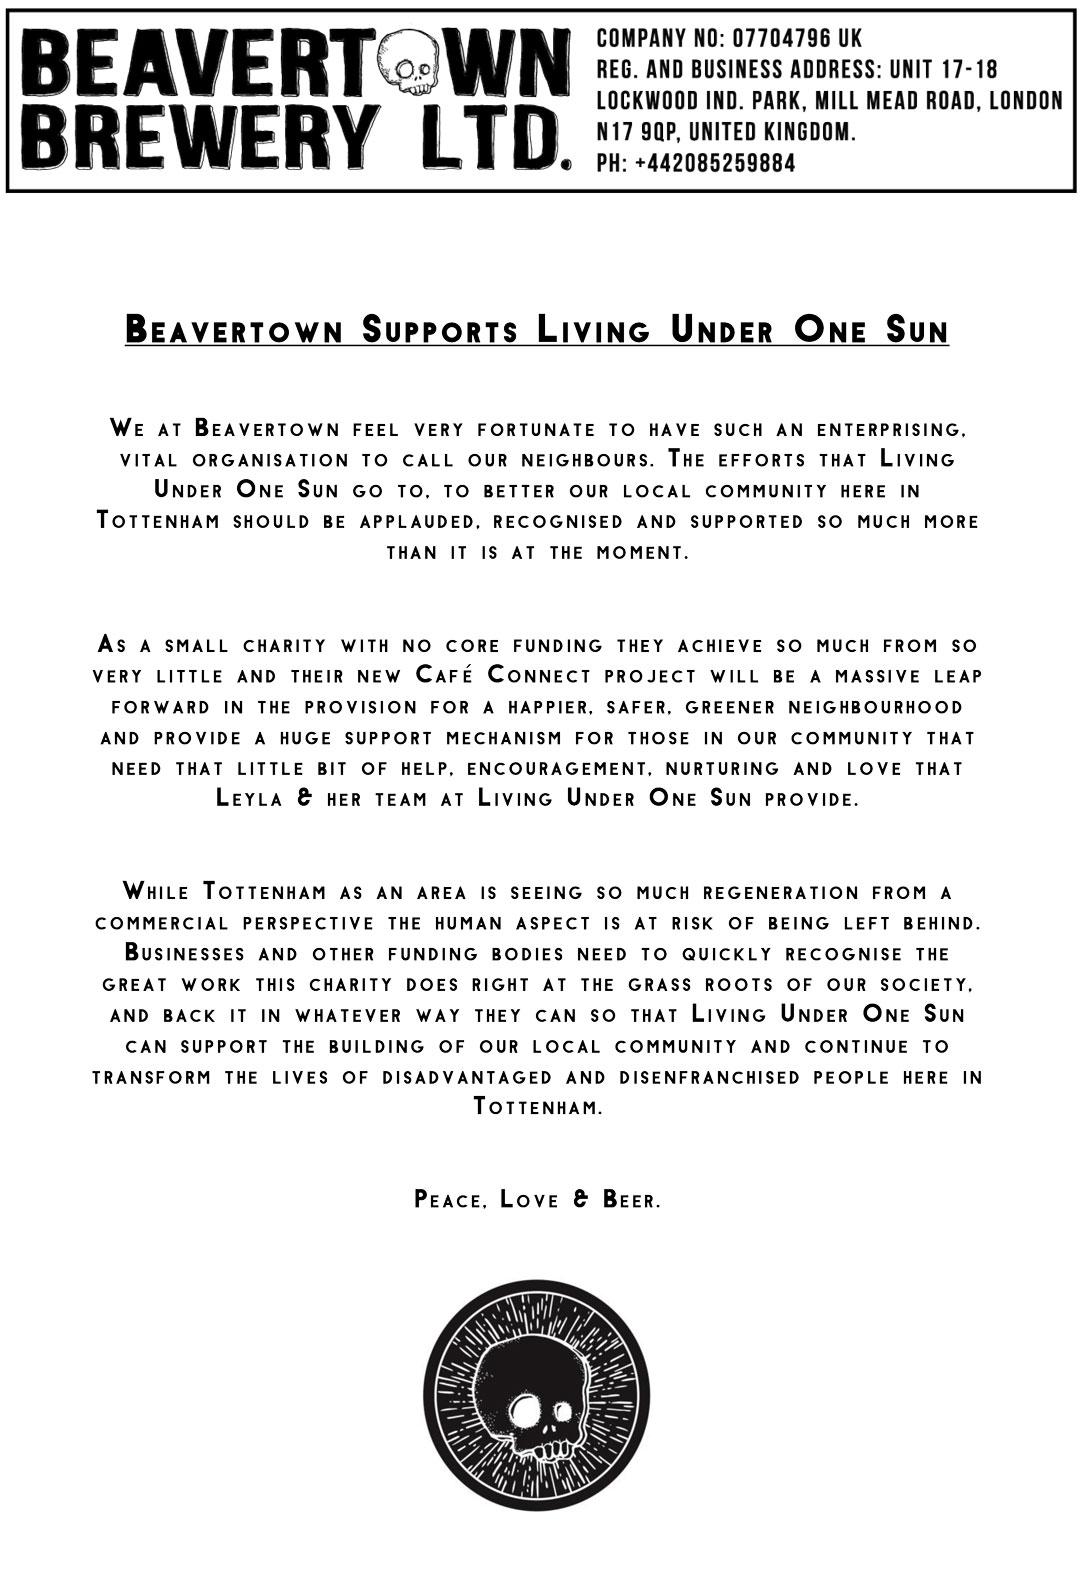 Beavertown-x-LUOS-July-2017